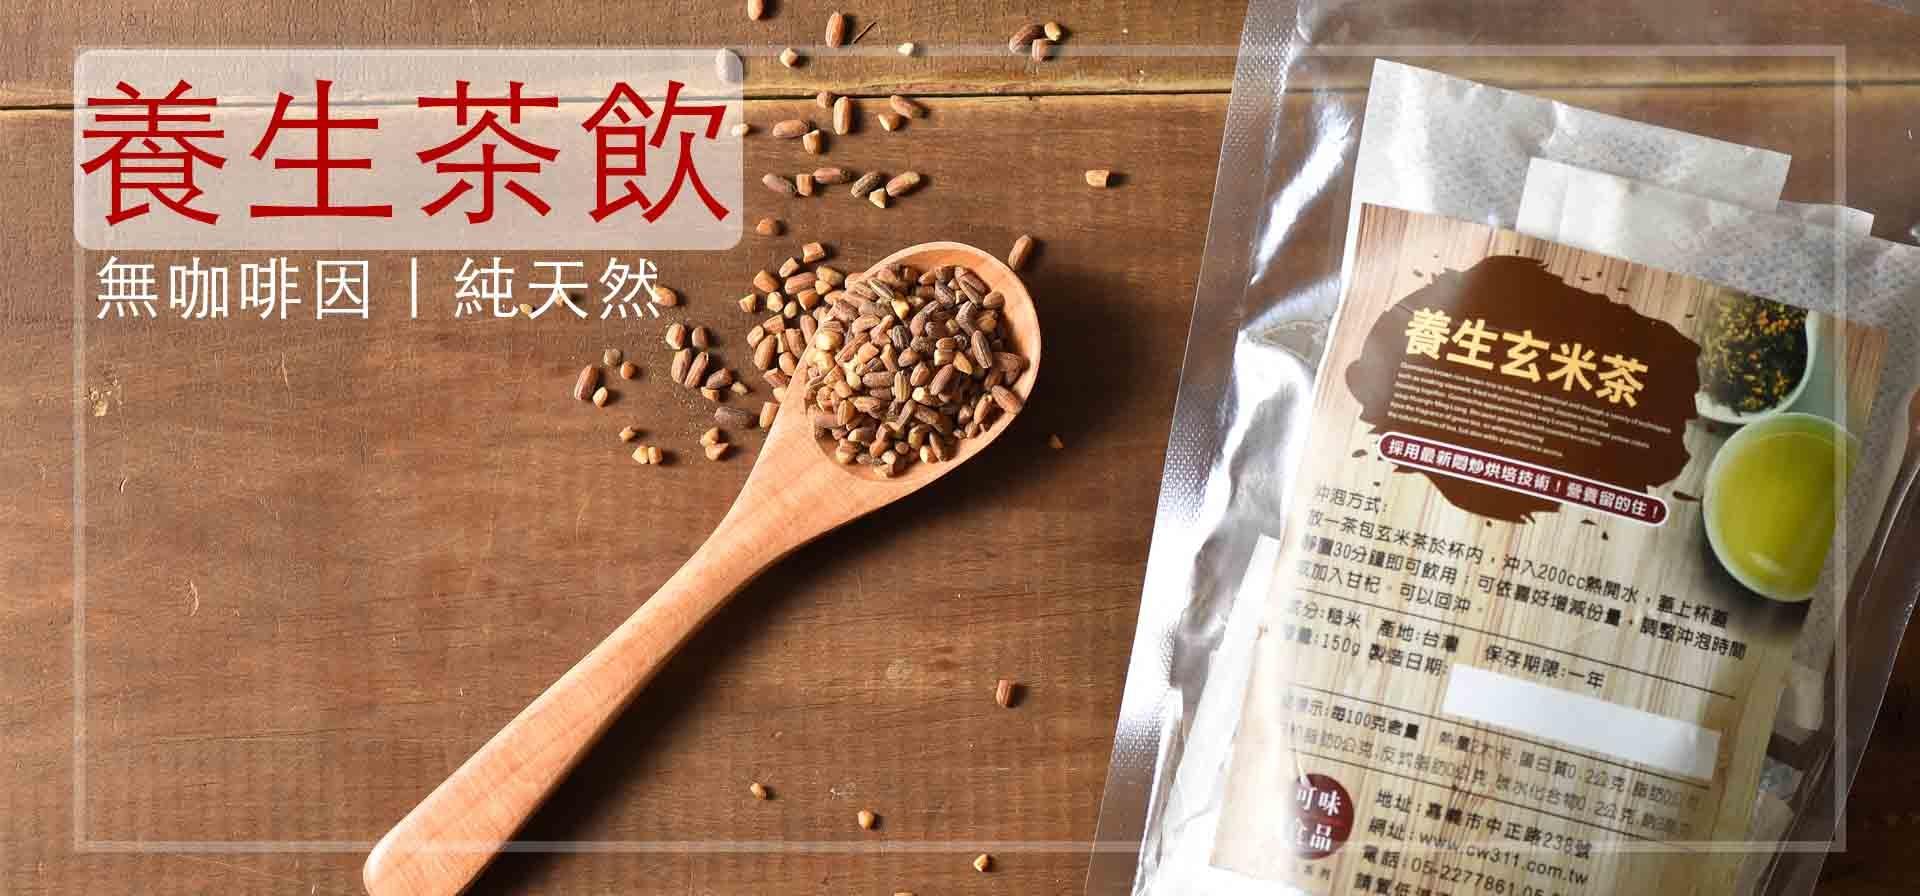 養生茶類牛蒡茶黑豆茶玄米茶可味肉乾